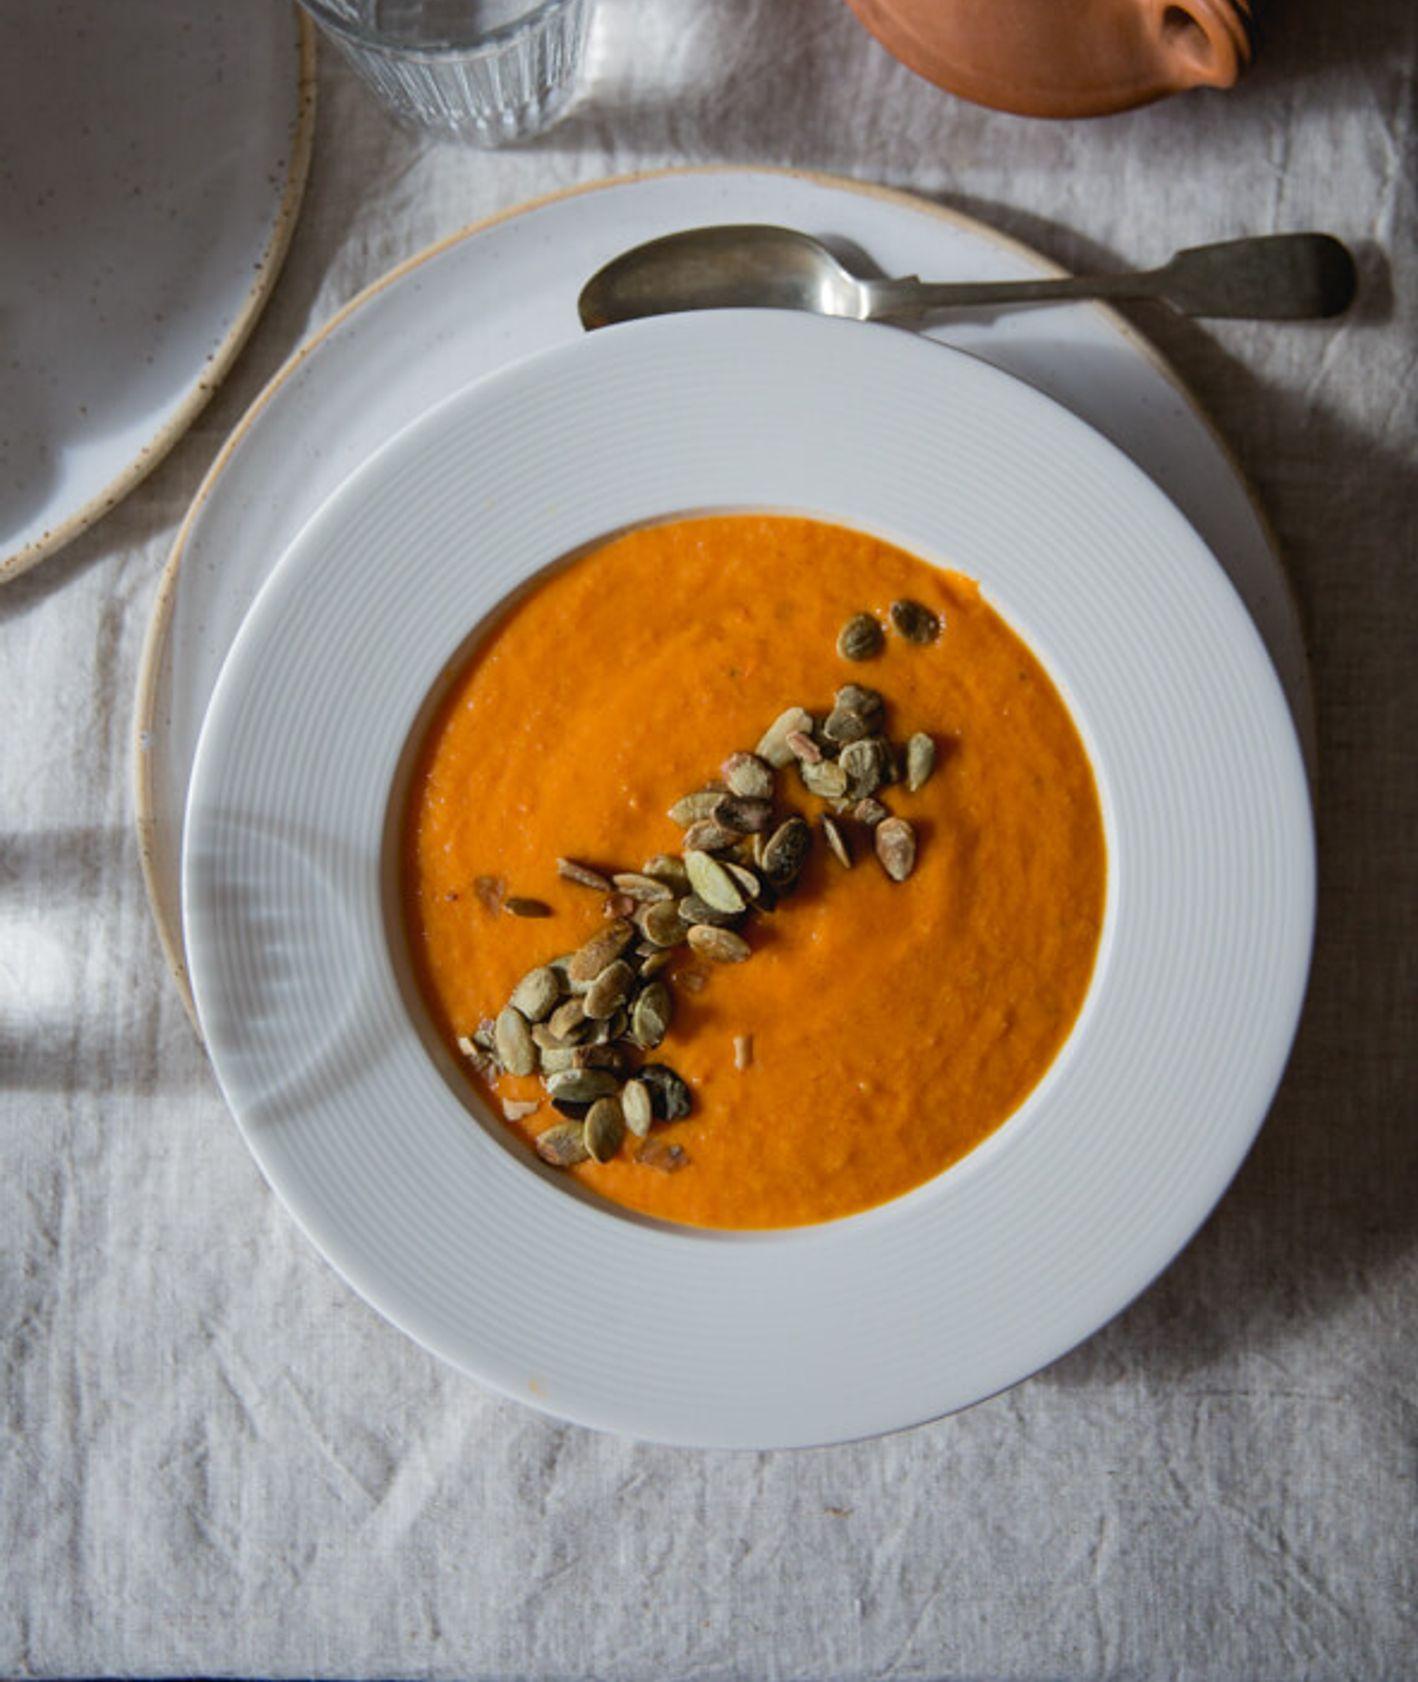 Jak zrobić zupę krem z dyni, pomidorów (fot. Sylwia Wyrwicka / Haveeyeon)